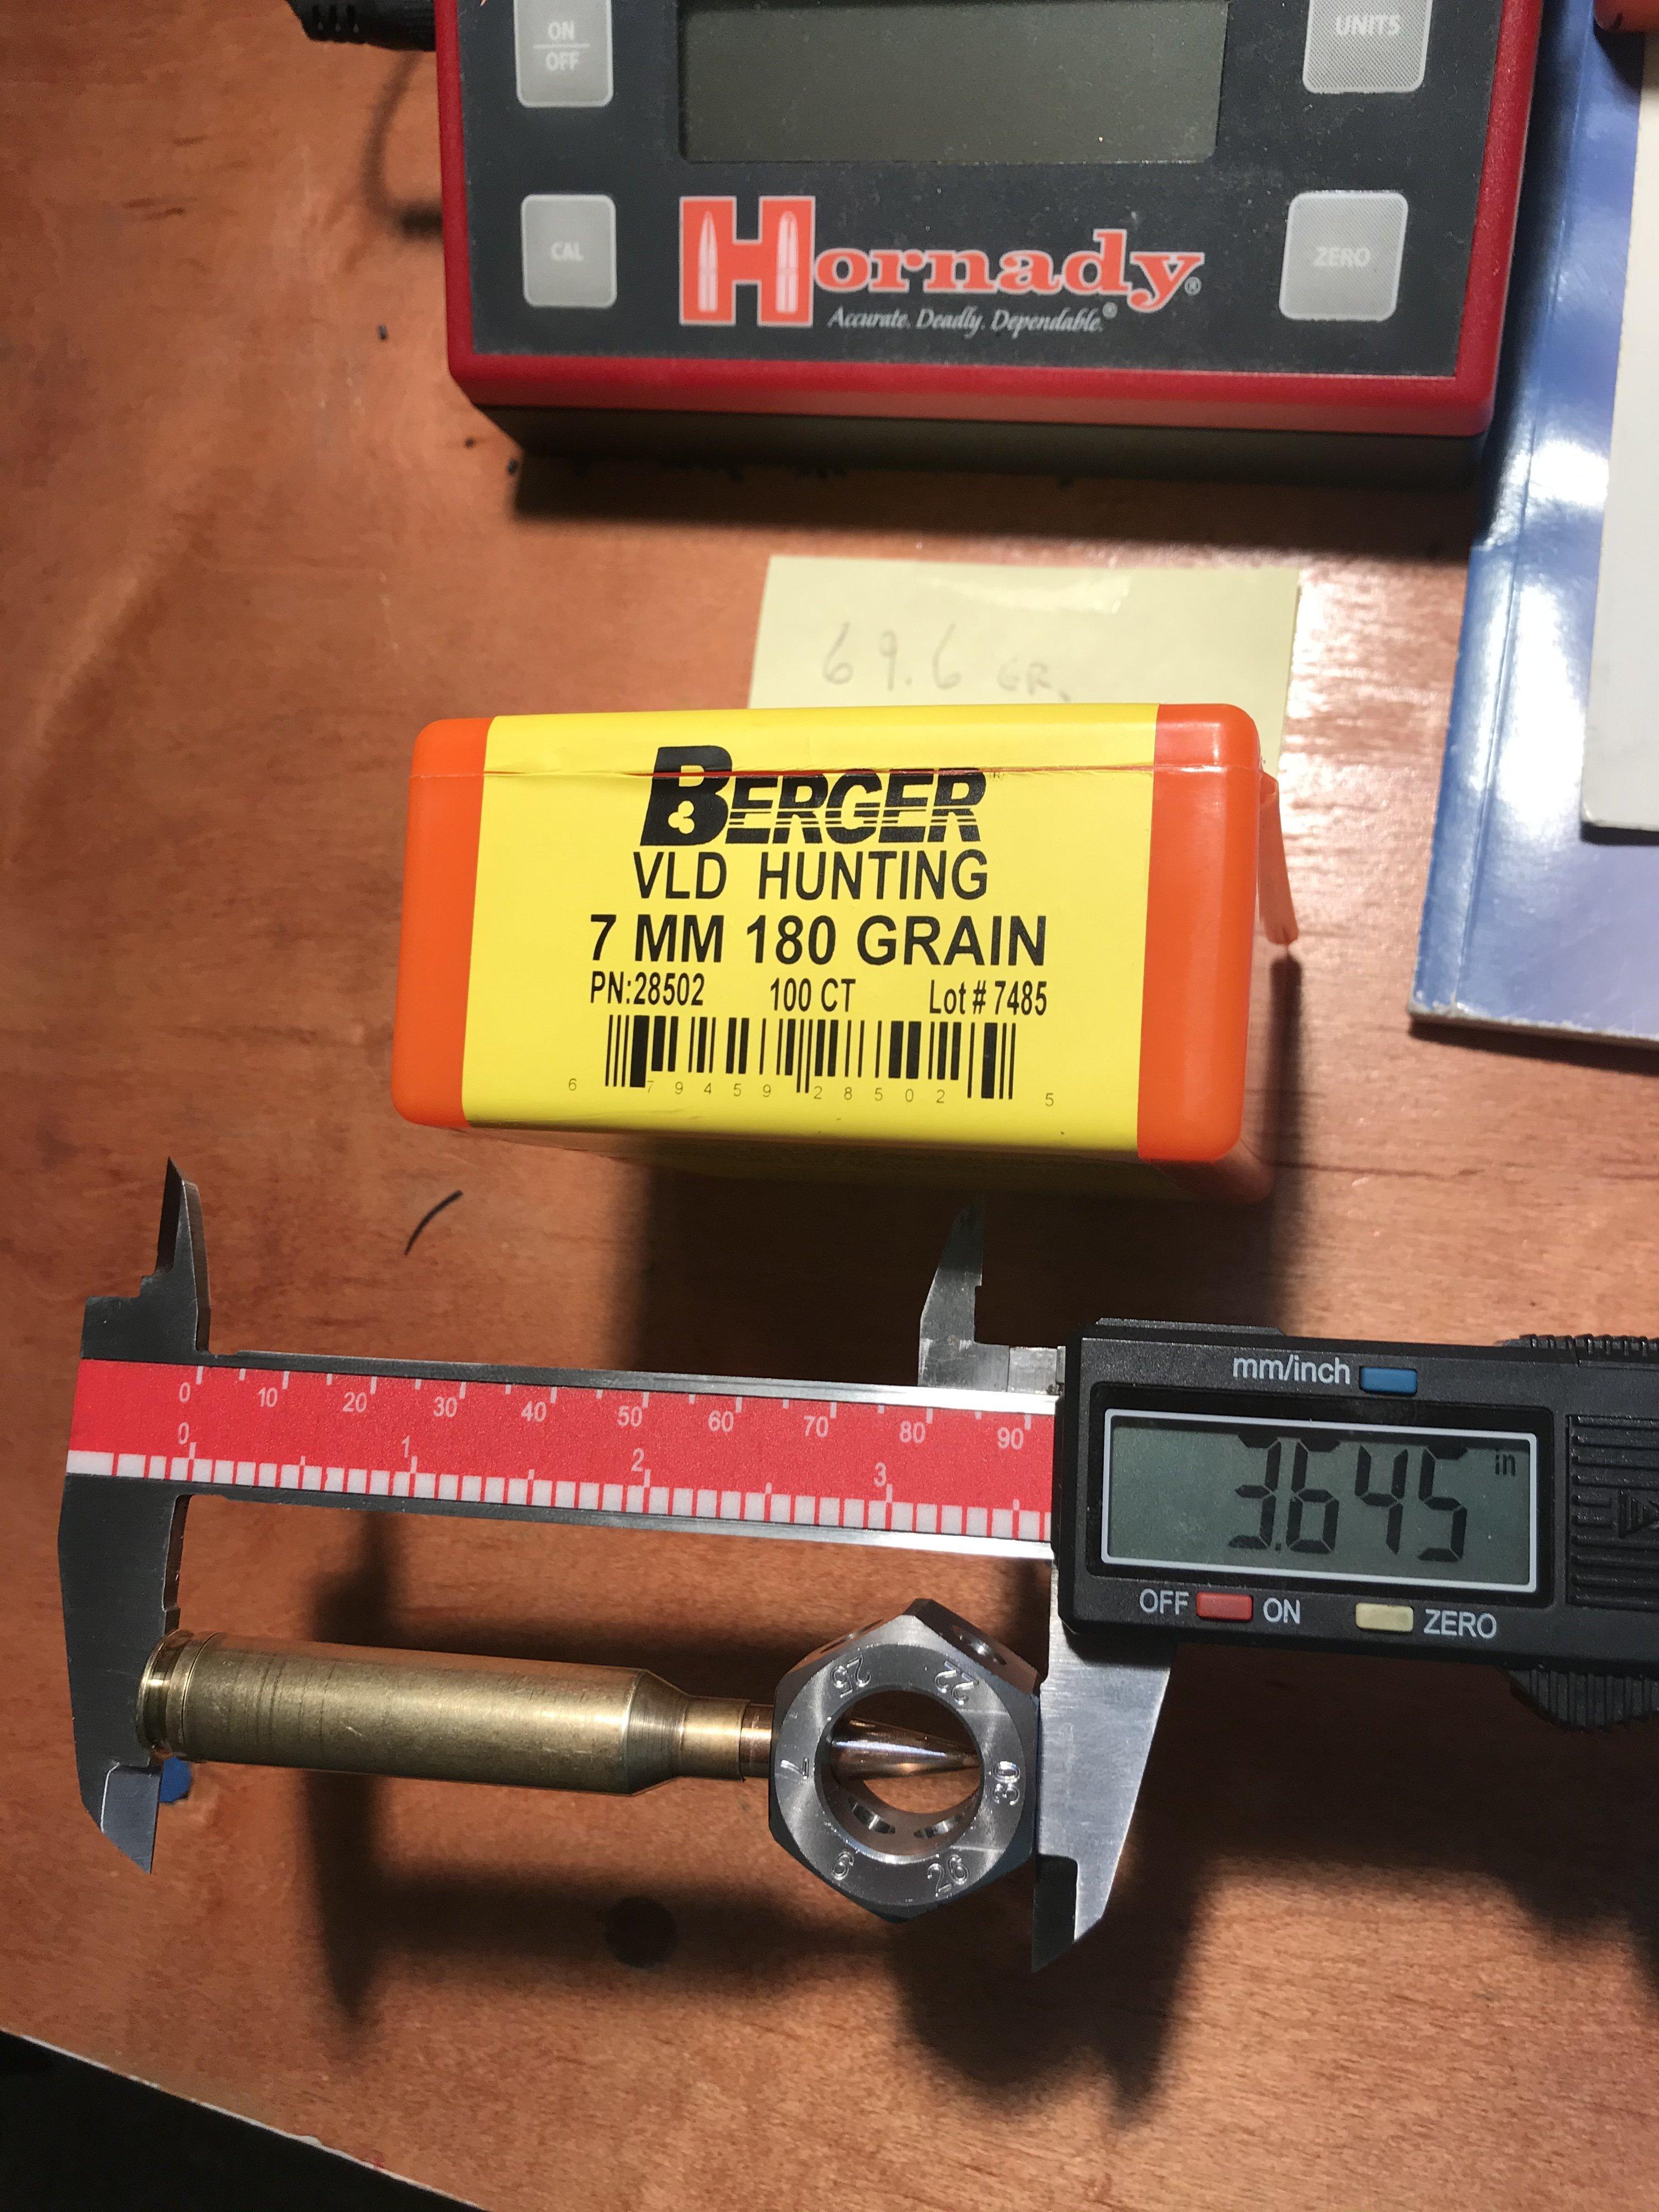 005FDC15-4202-434D-9912-C4CCCA2EBDEF.jpeg